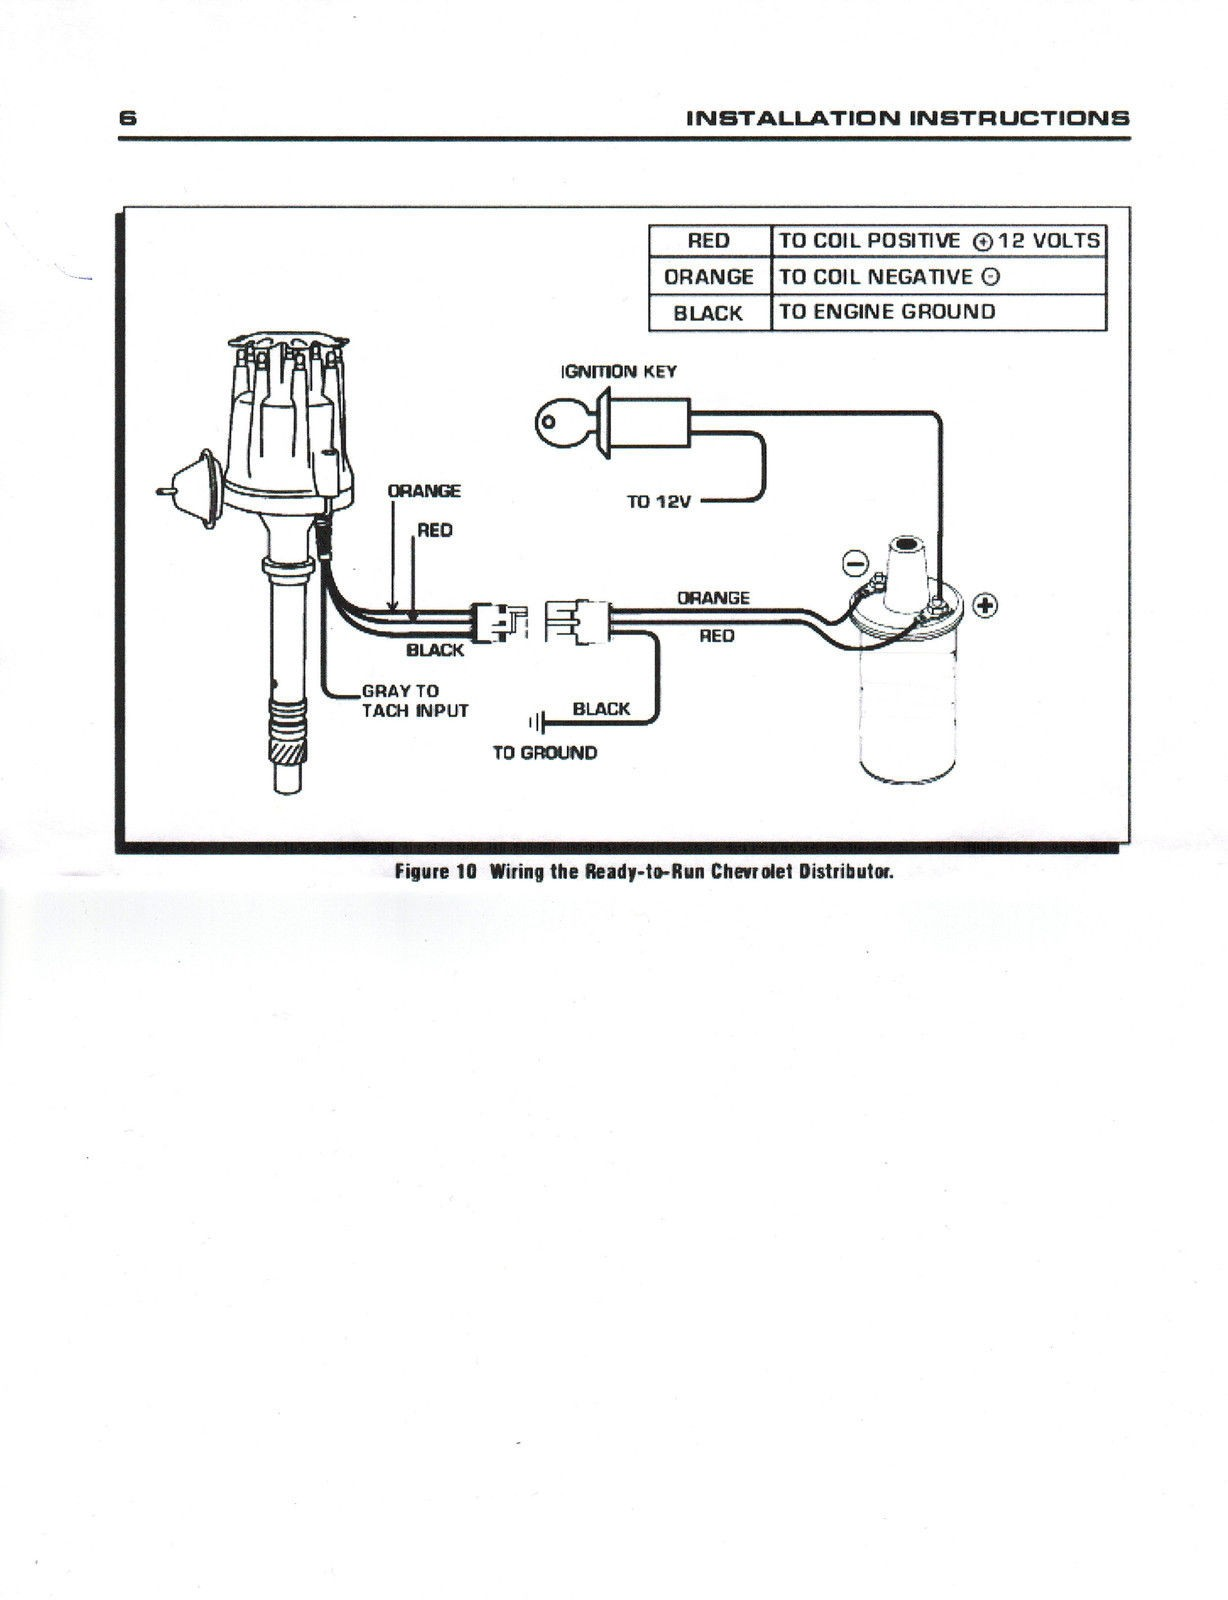 [DIAGRAM_5NL]  MG_1592] Wiring Chevy Hei Distributor Free Diagram | Ford Pro Comp Distributor Wiring |  | Spoat Jebrp Proe Hendil Mohammedshrine Librar Wiring 101